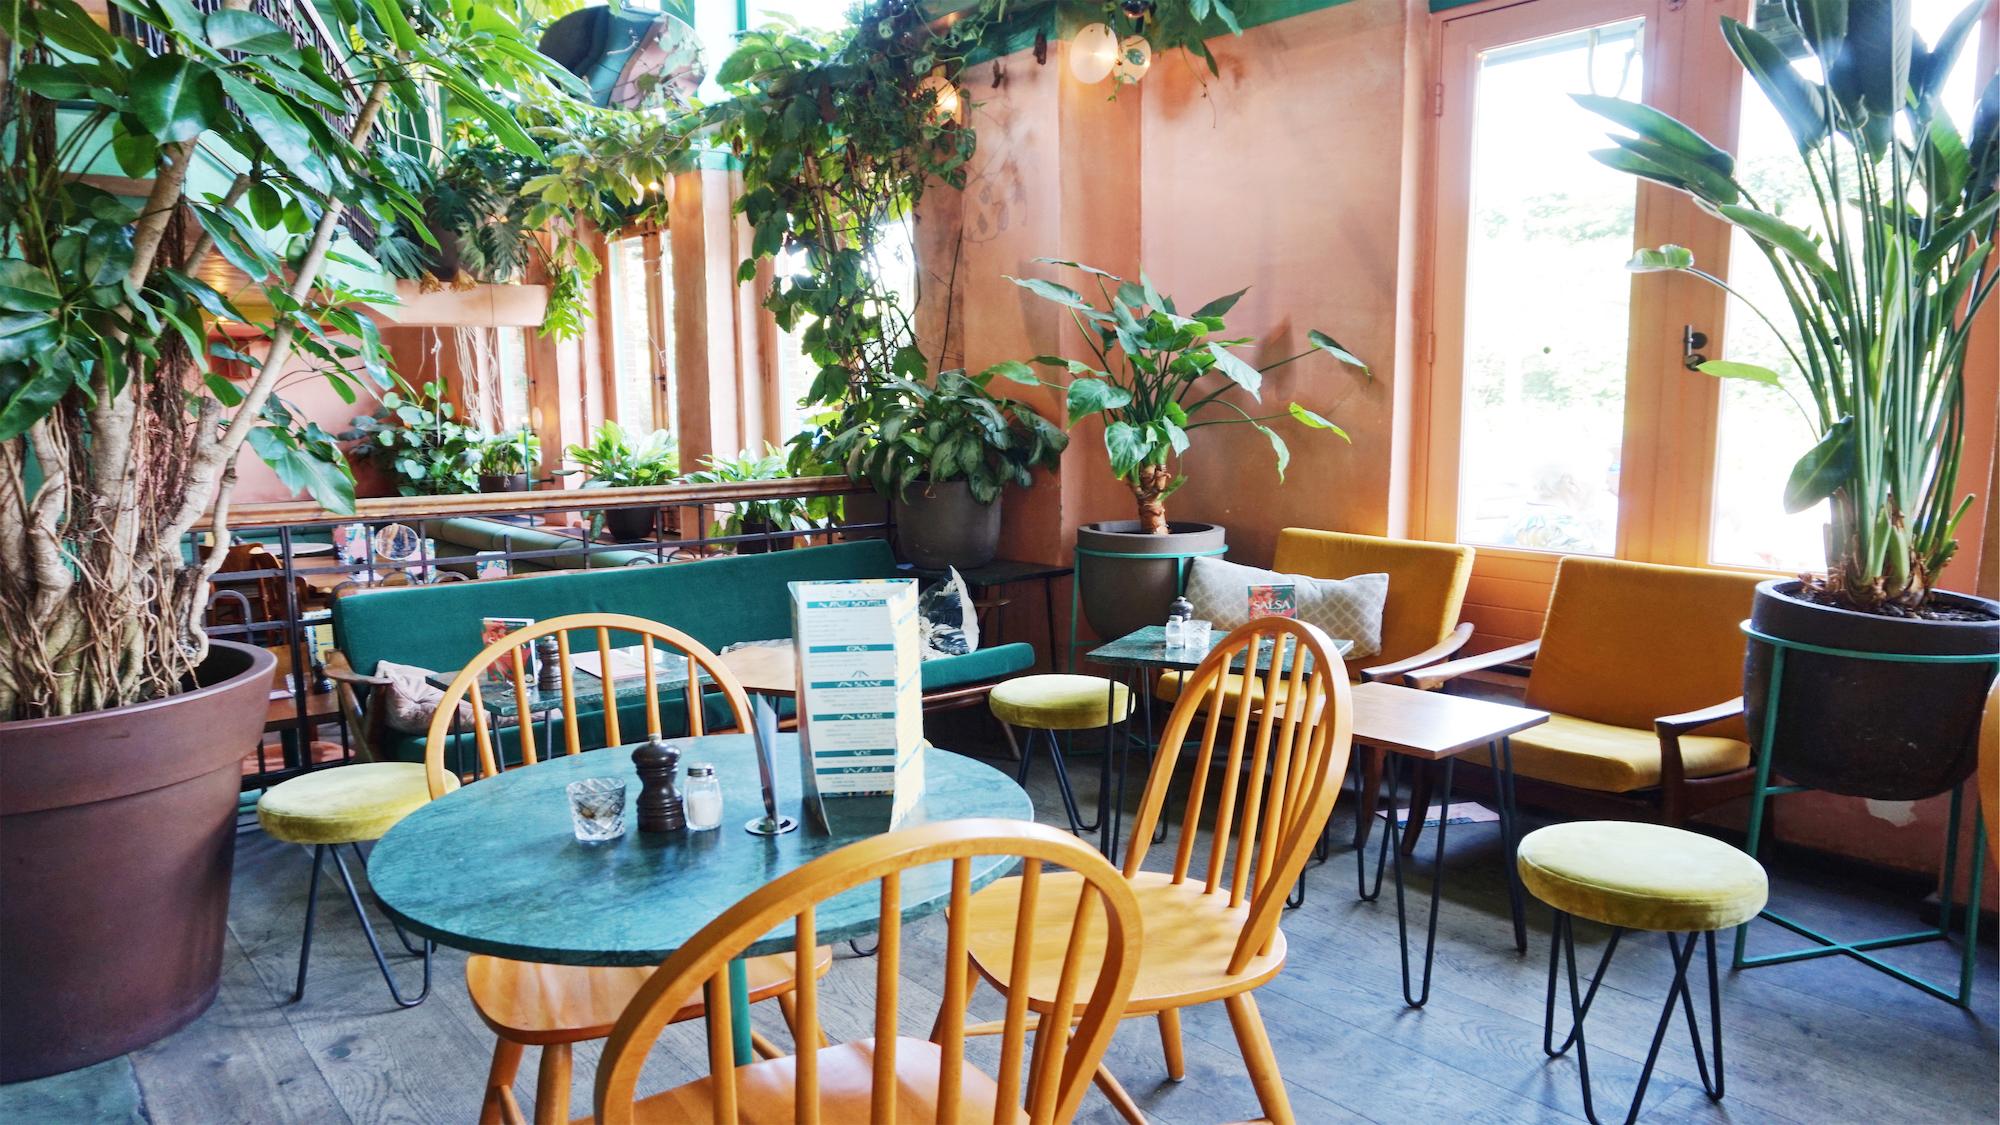 Bar Botanique interieur